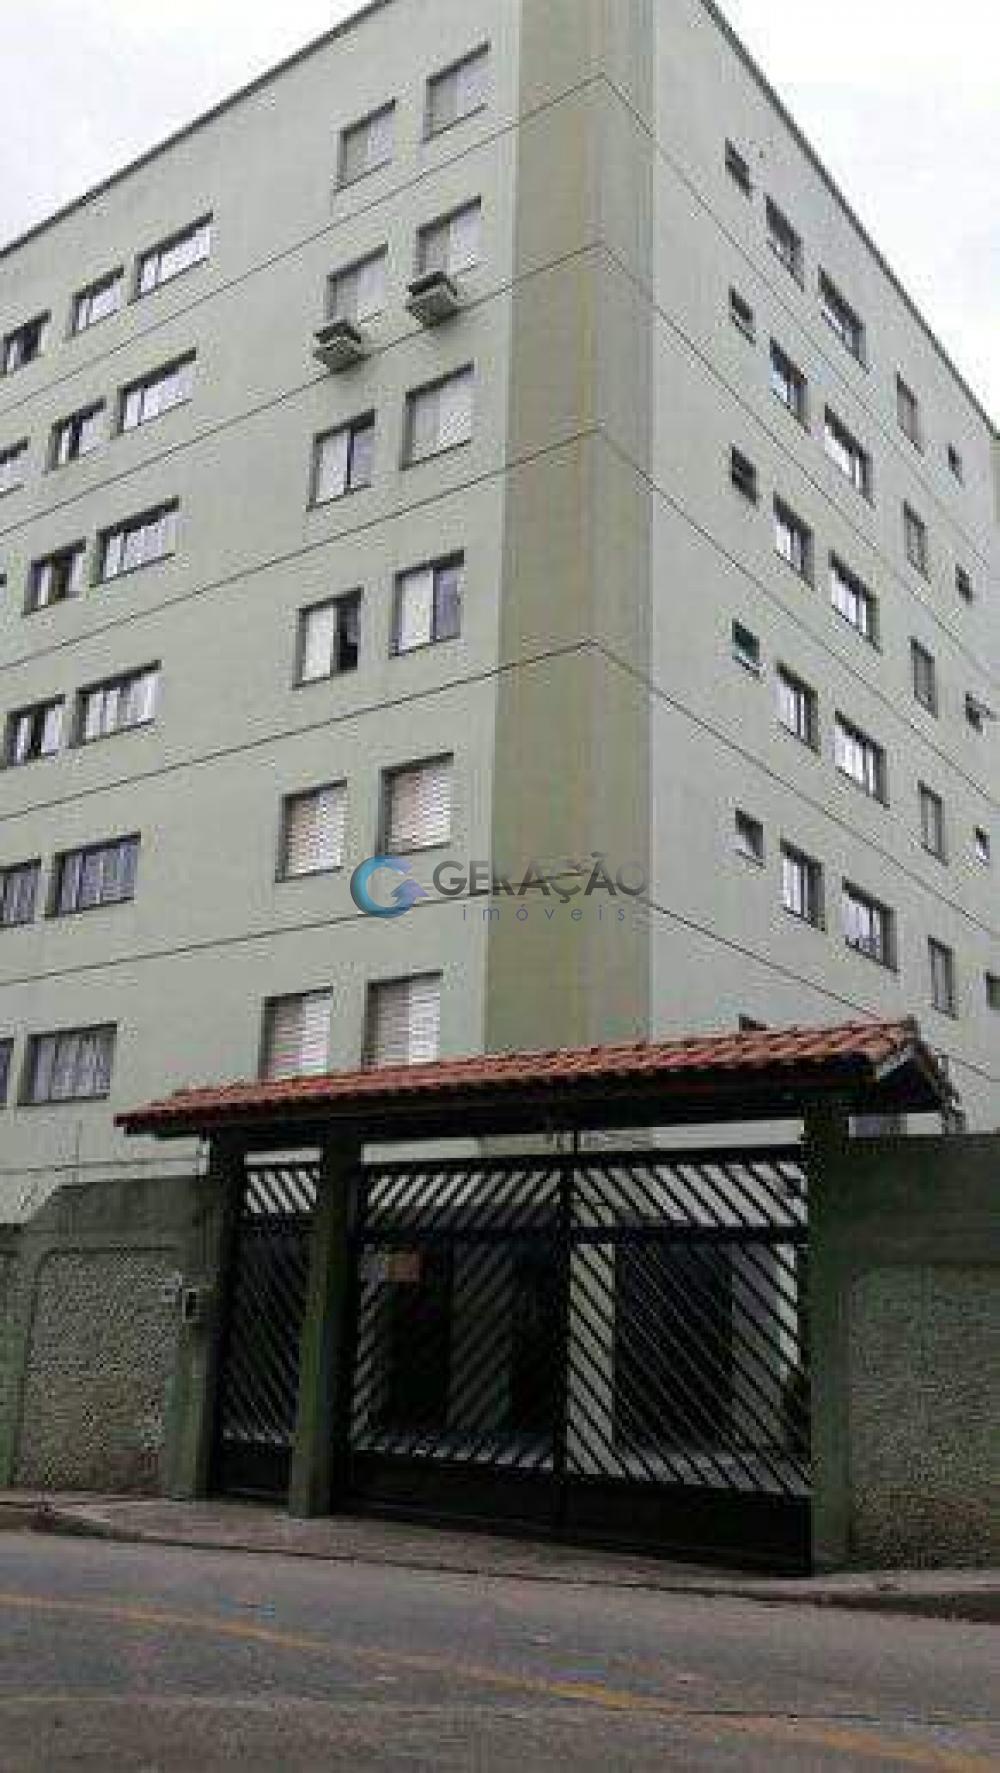 Comprar Apartamento / Padrão em Caraguatatuba R$ 250.000,00 - Foto 5